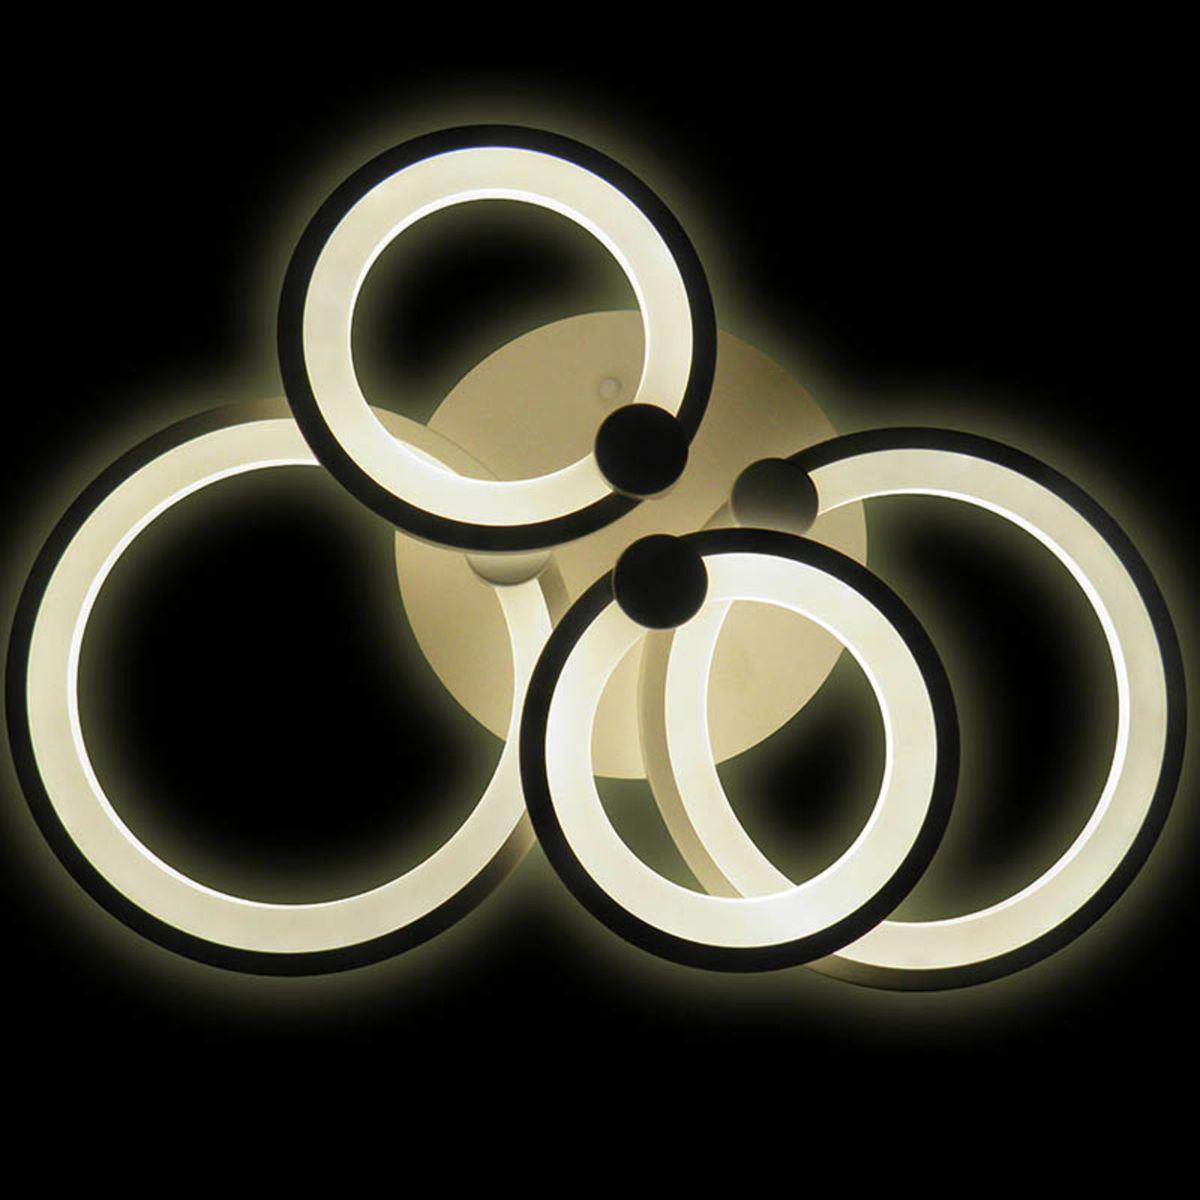 Lumin Ria De Teto Led 3 Cores Aneis Giratorios Lustre Luz Grande